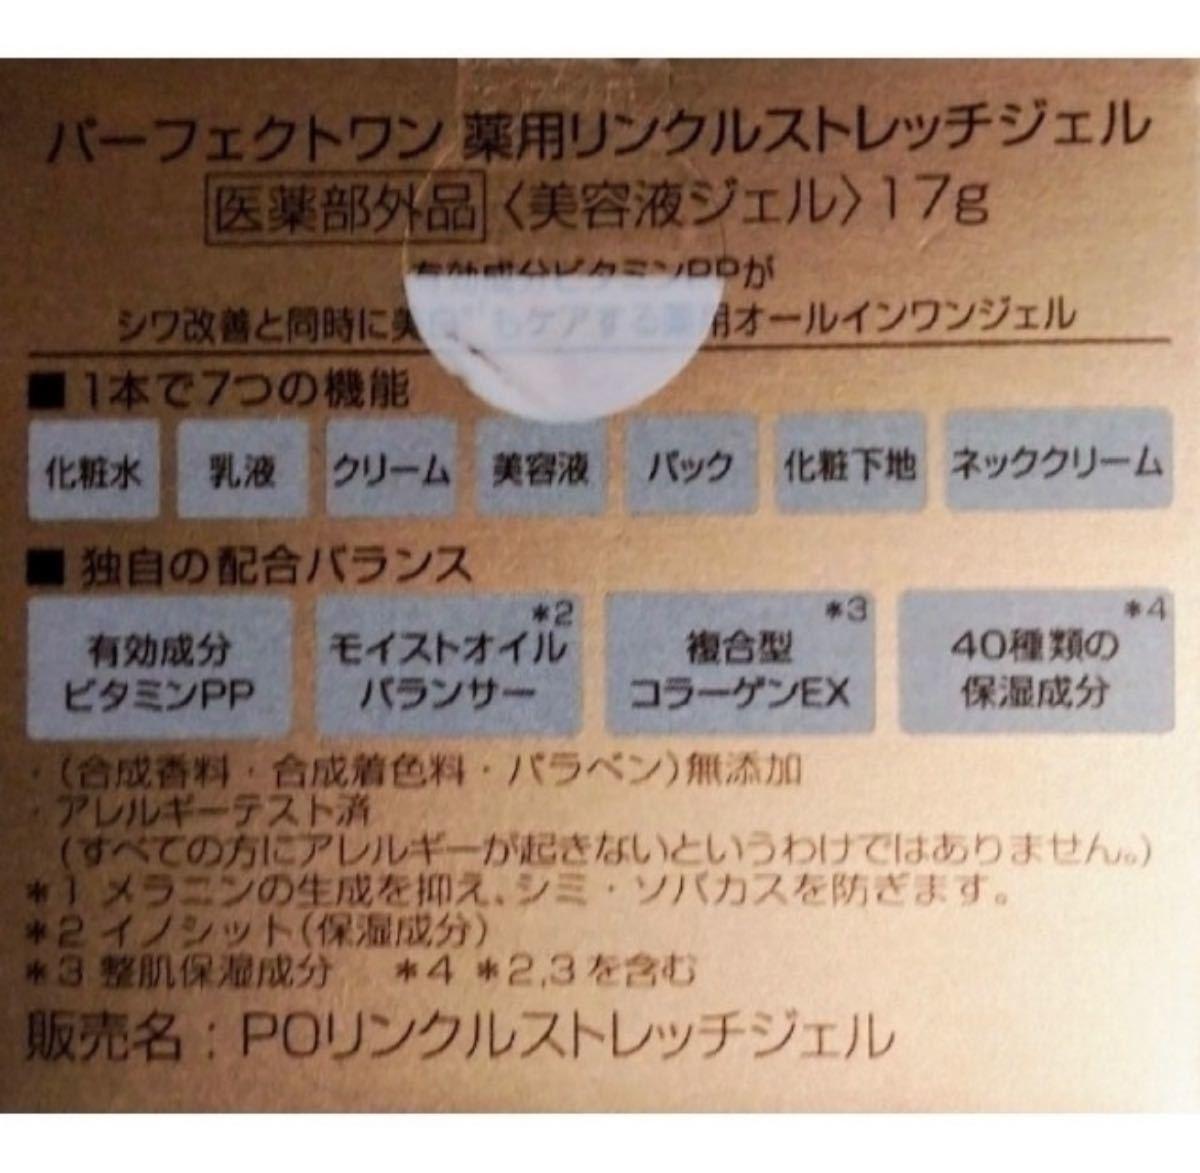 パーフェクトワン リンクルストレッチジェル(美容液)17g×1 送料無料 新品未開封 f